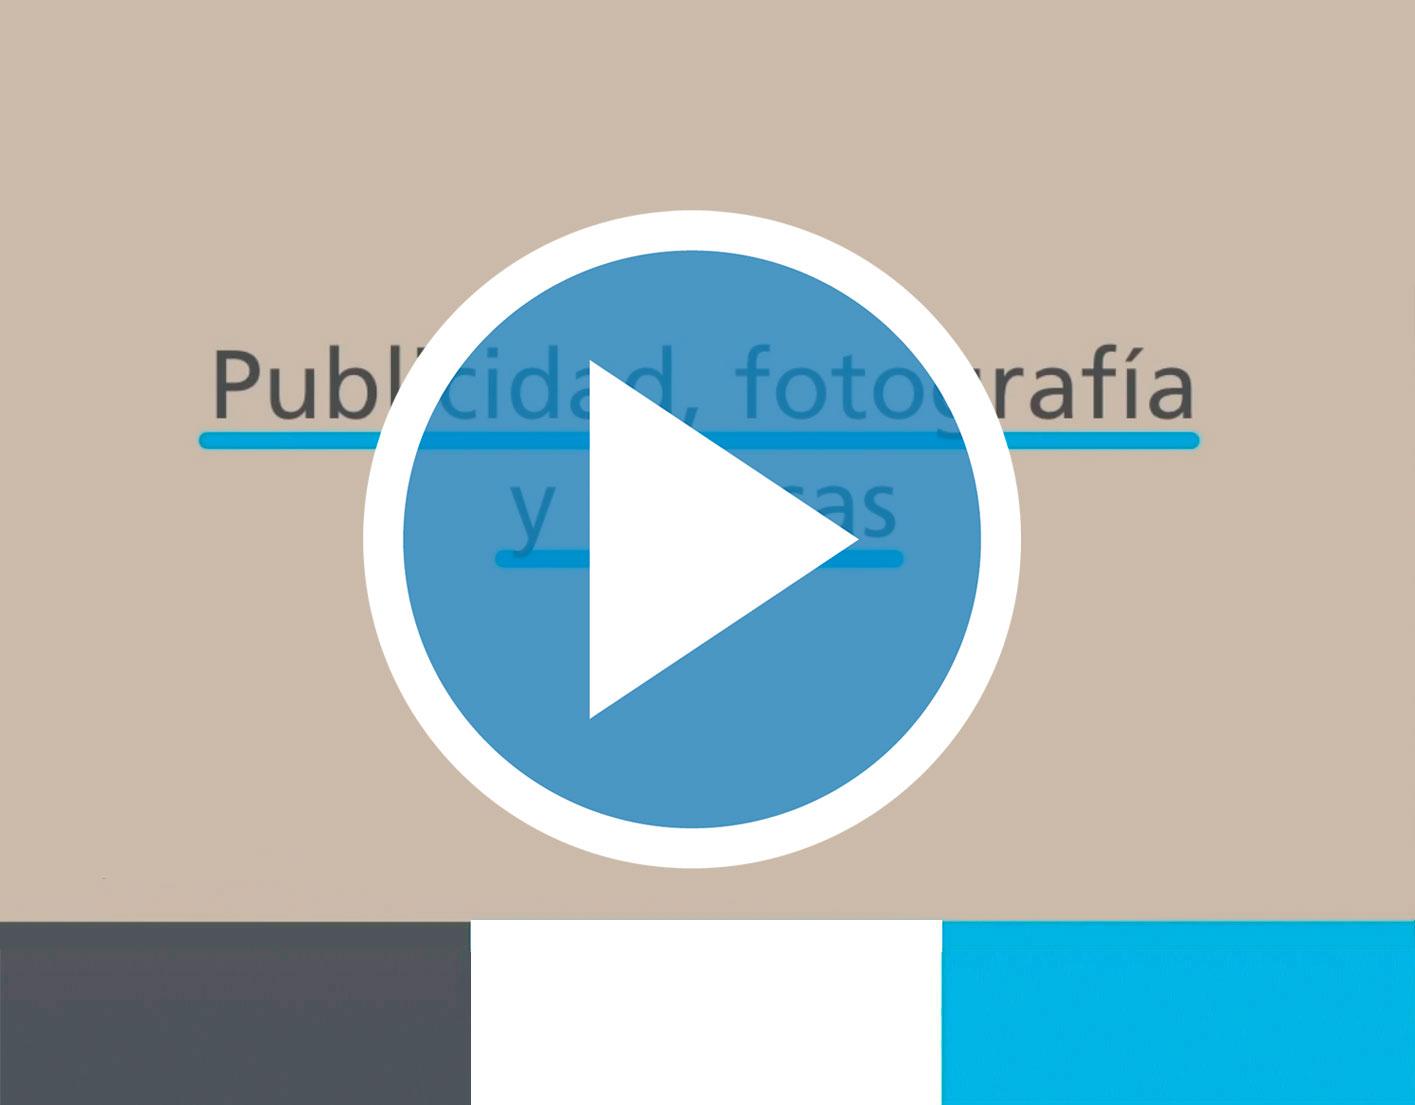 VIDEOPOST: Publicidad, fotografías y marcas